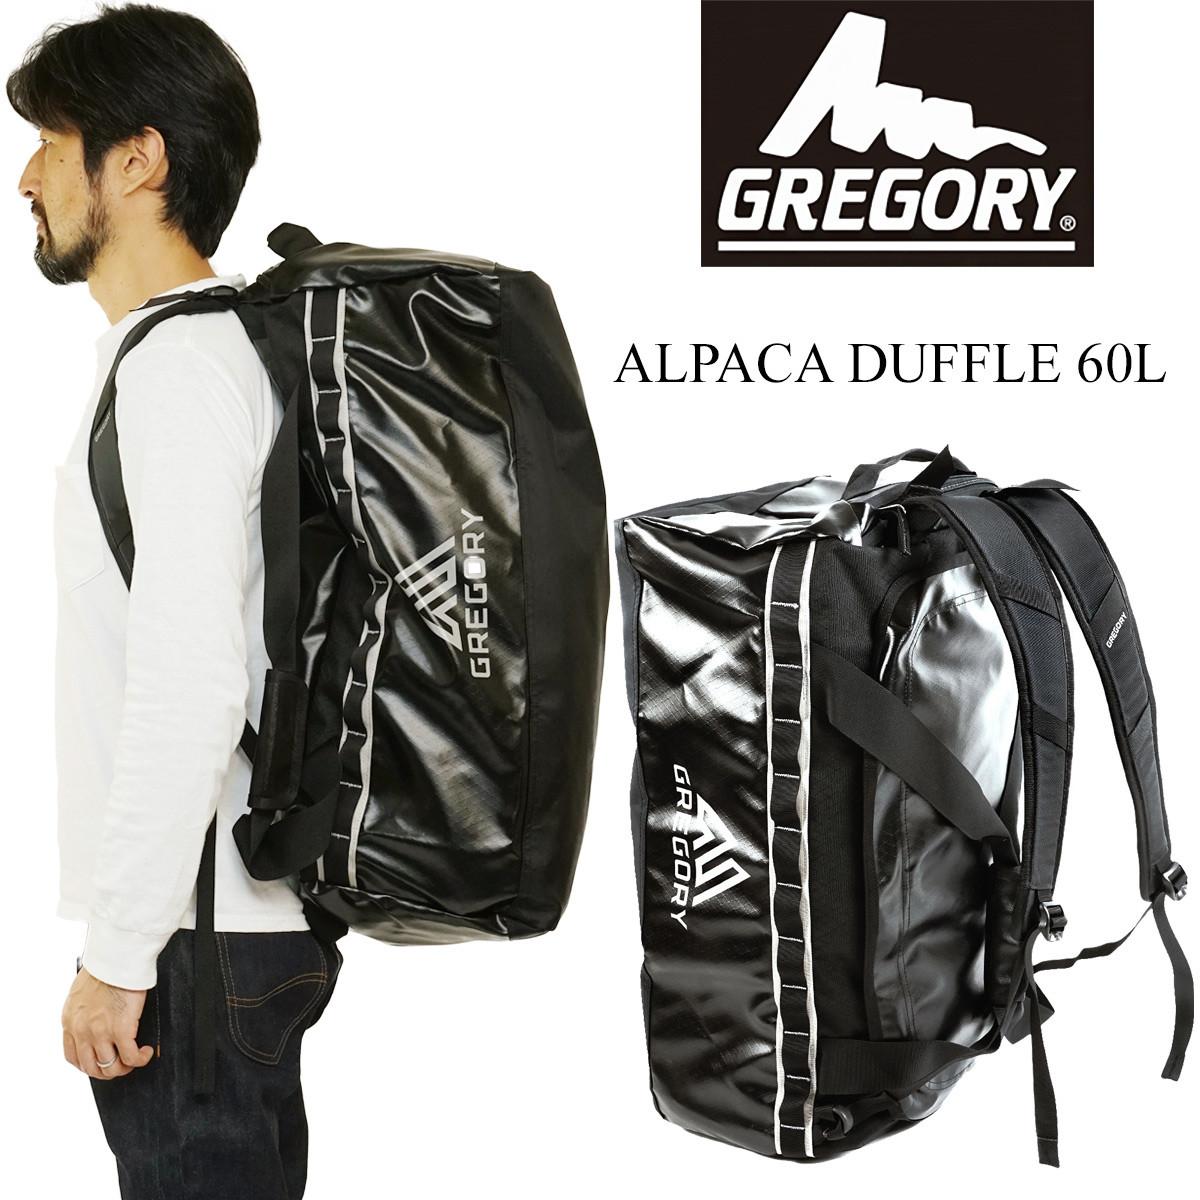 グレゴリー GREGORY アルパカダッフル 60L (ALPACA DUFFLE ダッフル ダッフルバッグ リュック バックパック)